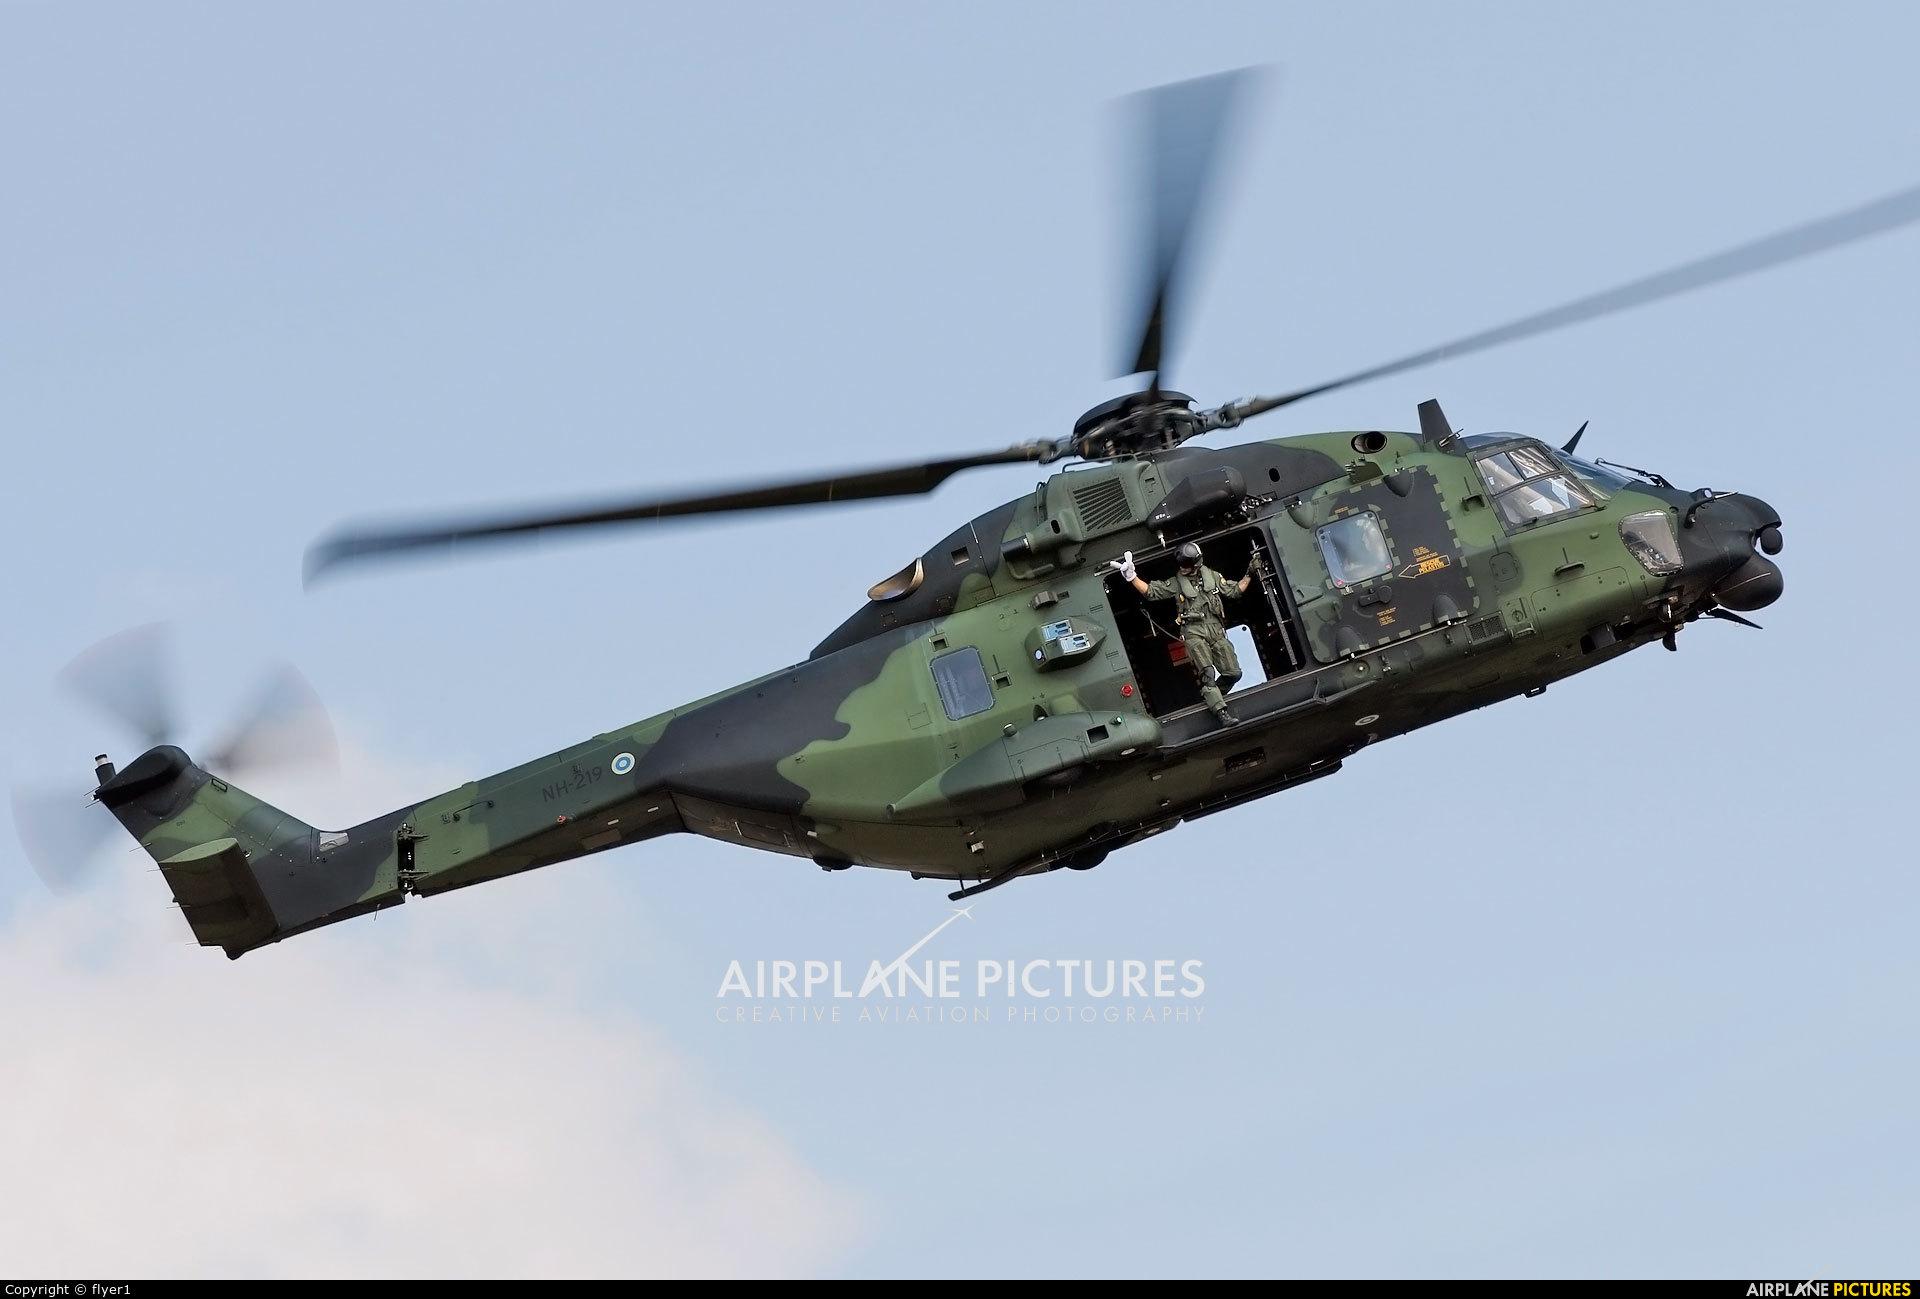 Finland - Army NH-219 aircraft at Fairford